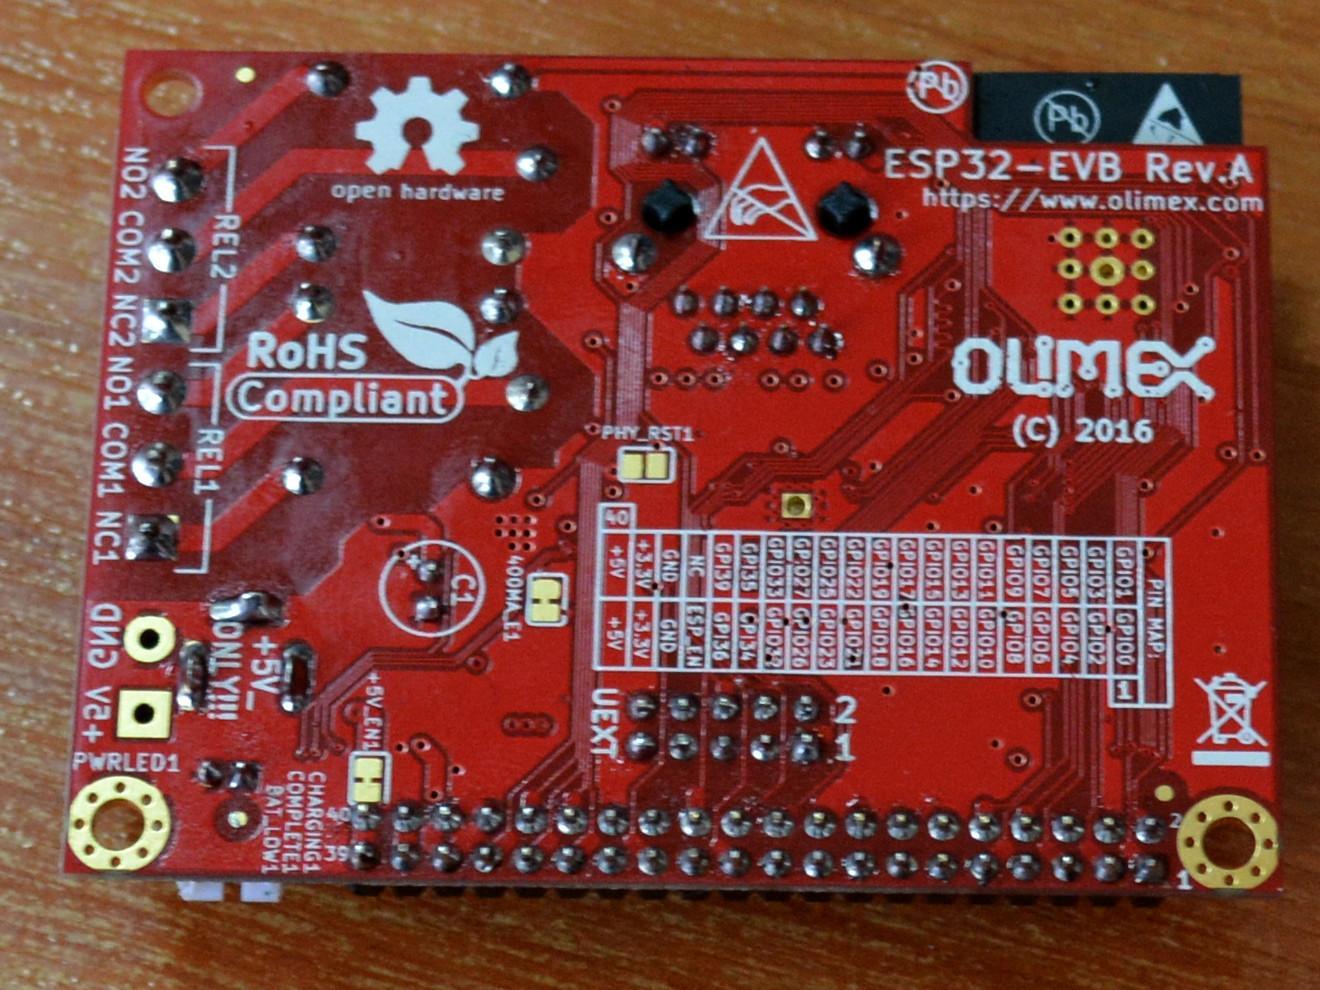 Rückseite des ESP32-EVB IoT-Entwicklungsboards